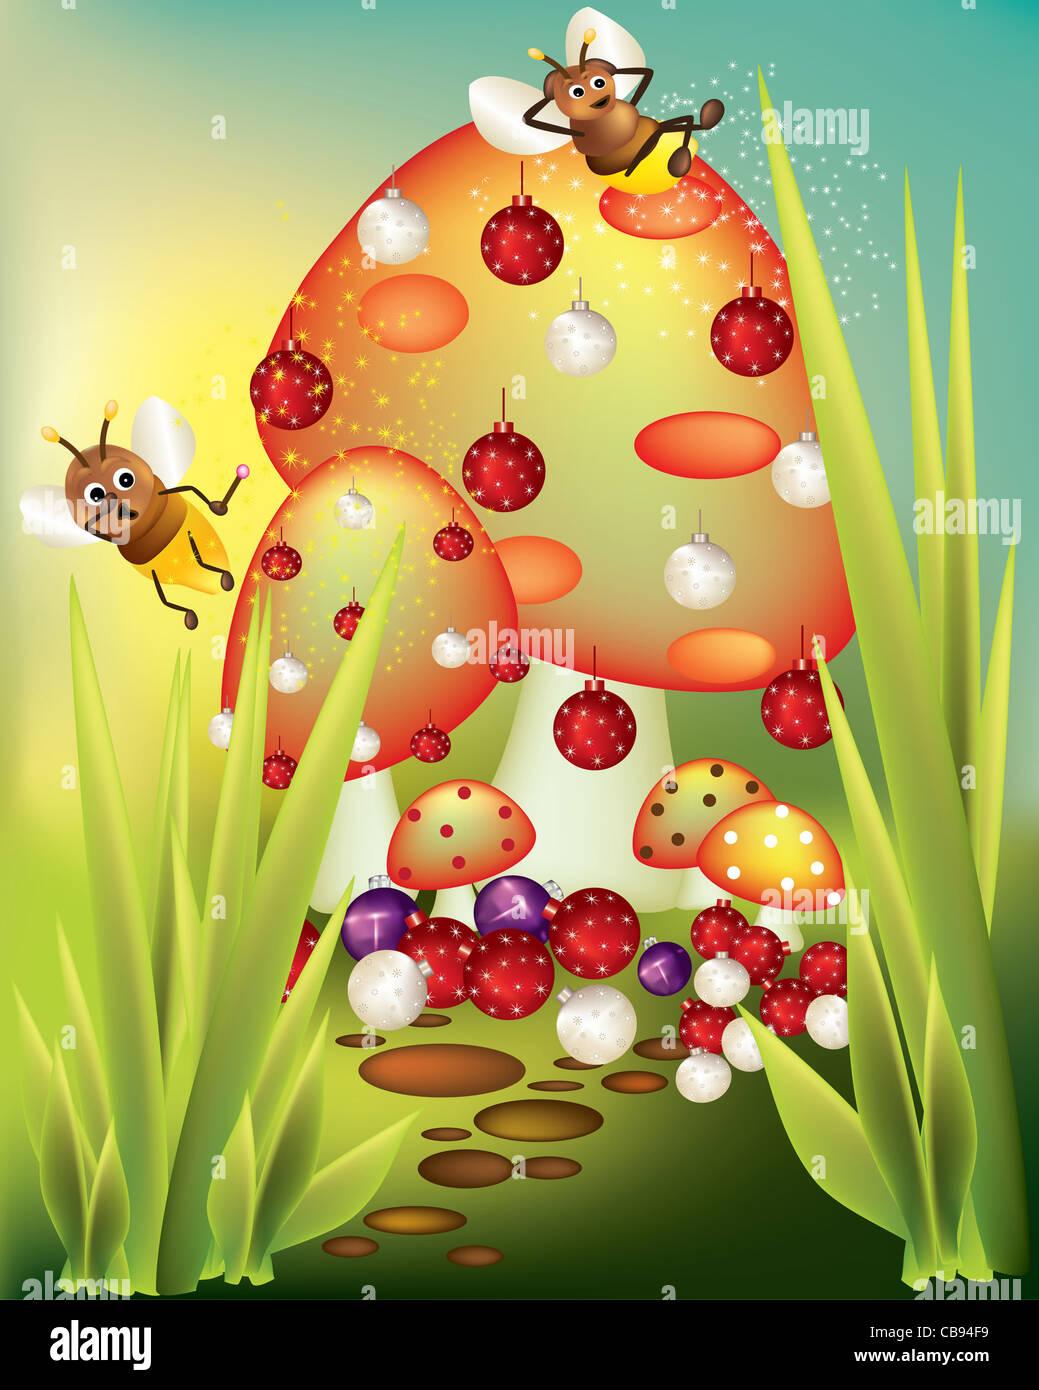 Au pays des merveilles de Noël Photo Stock